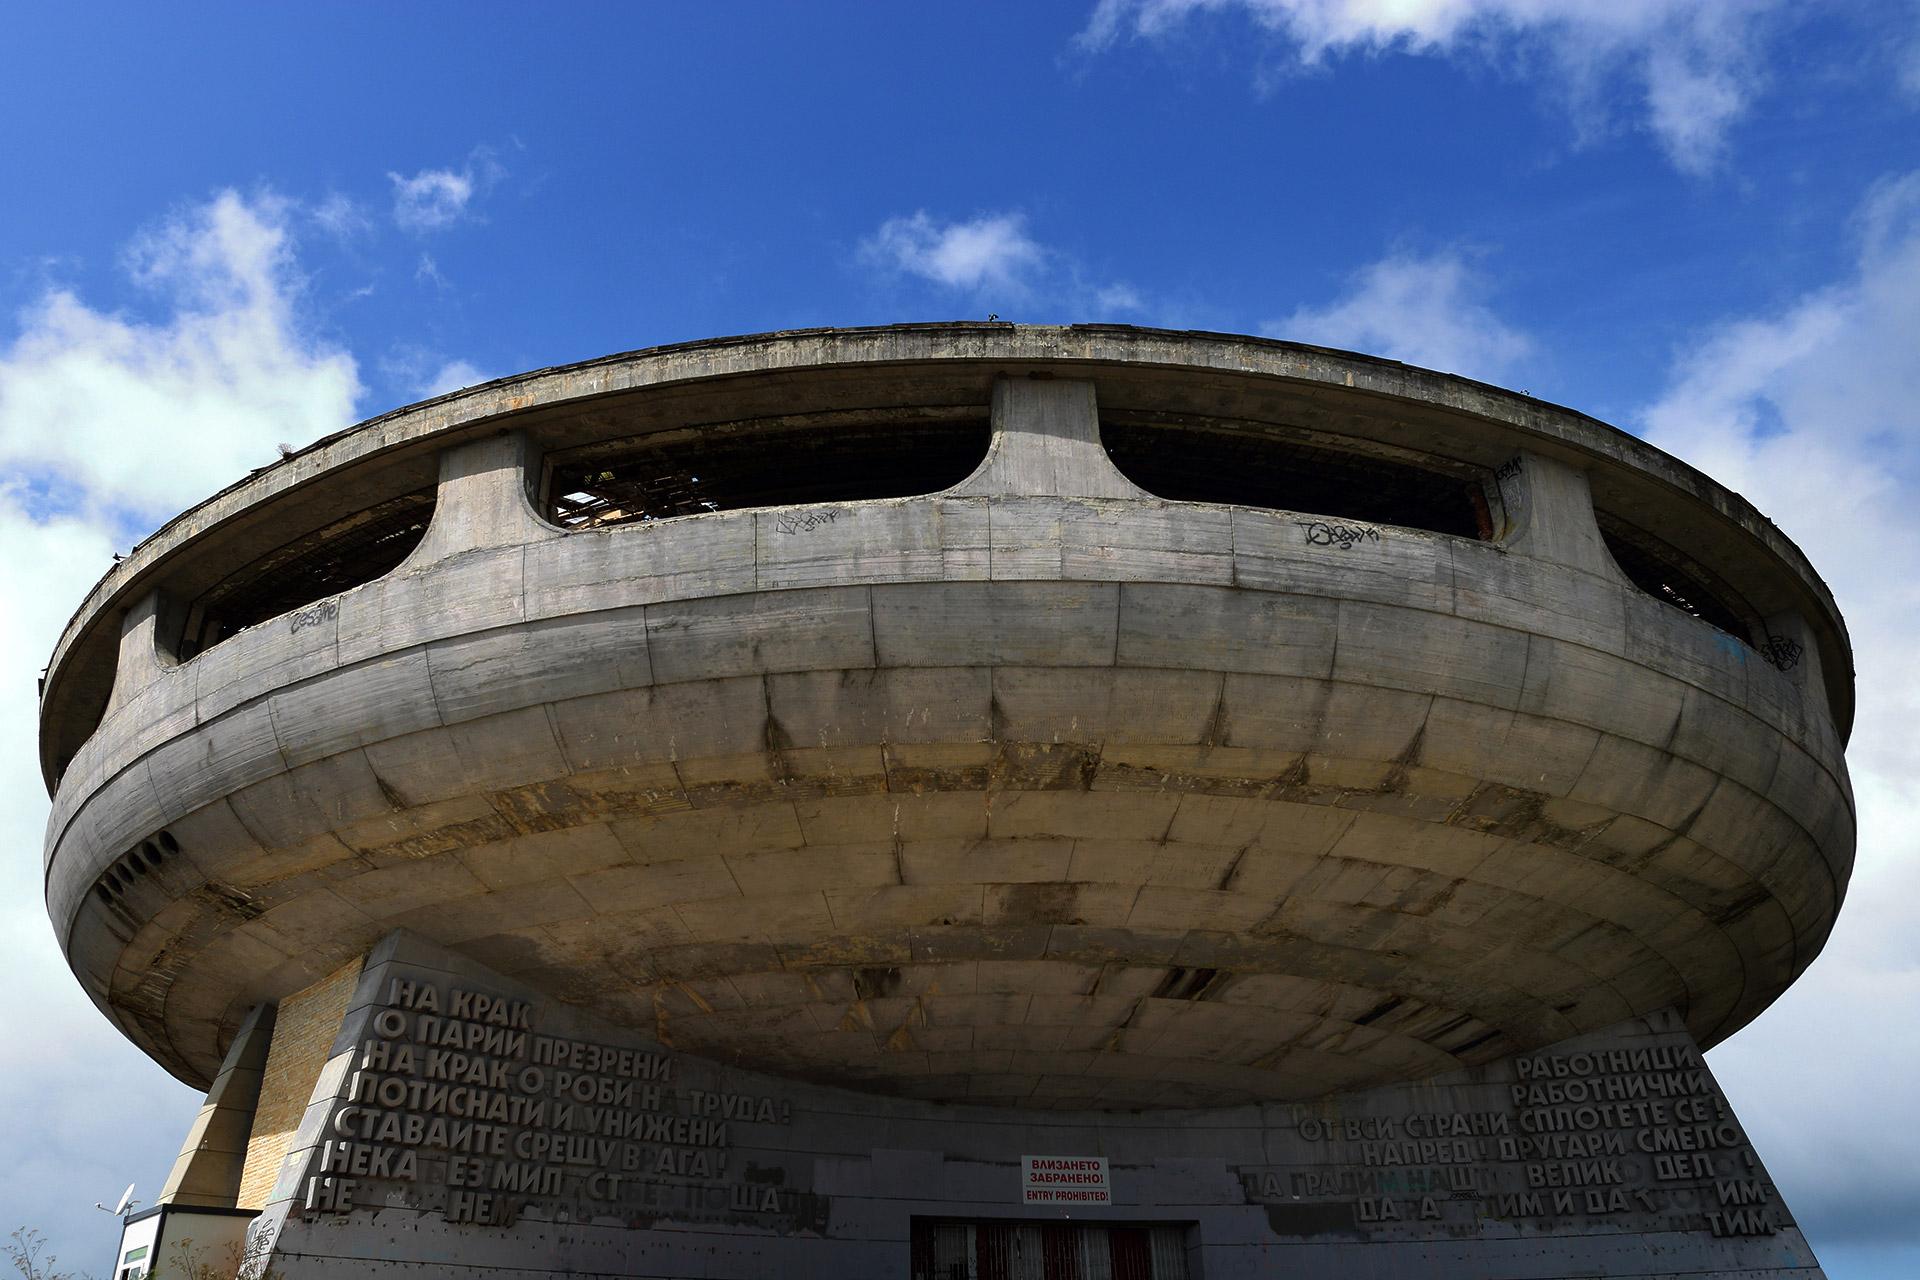 Sede del Partido Comunista en estado de abandono